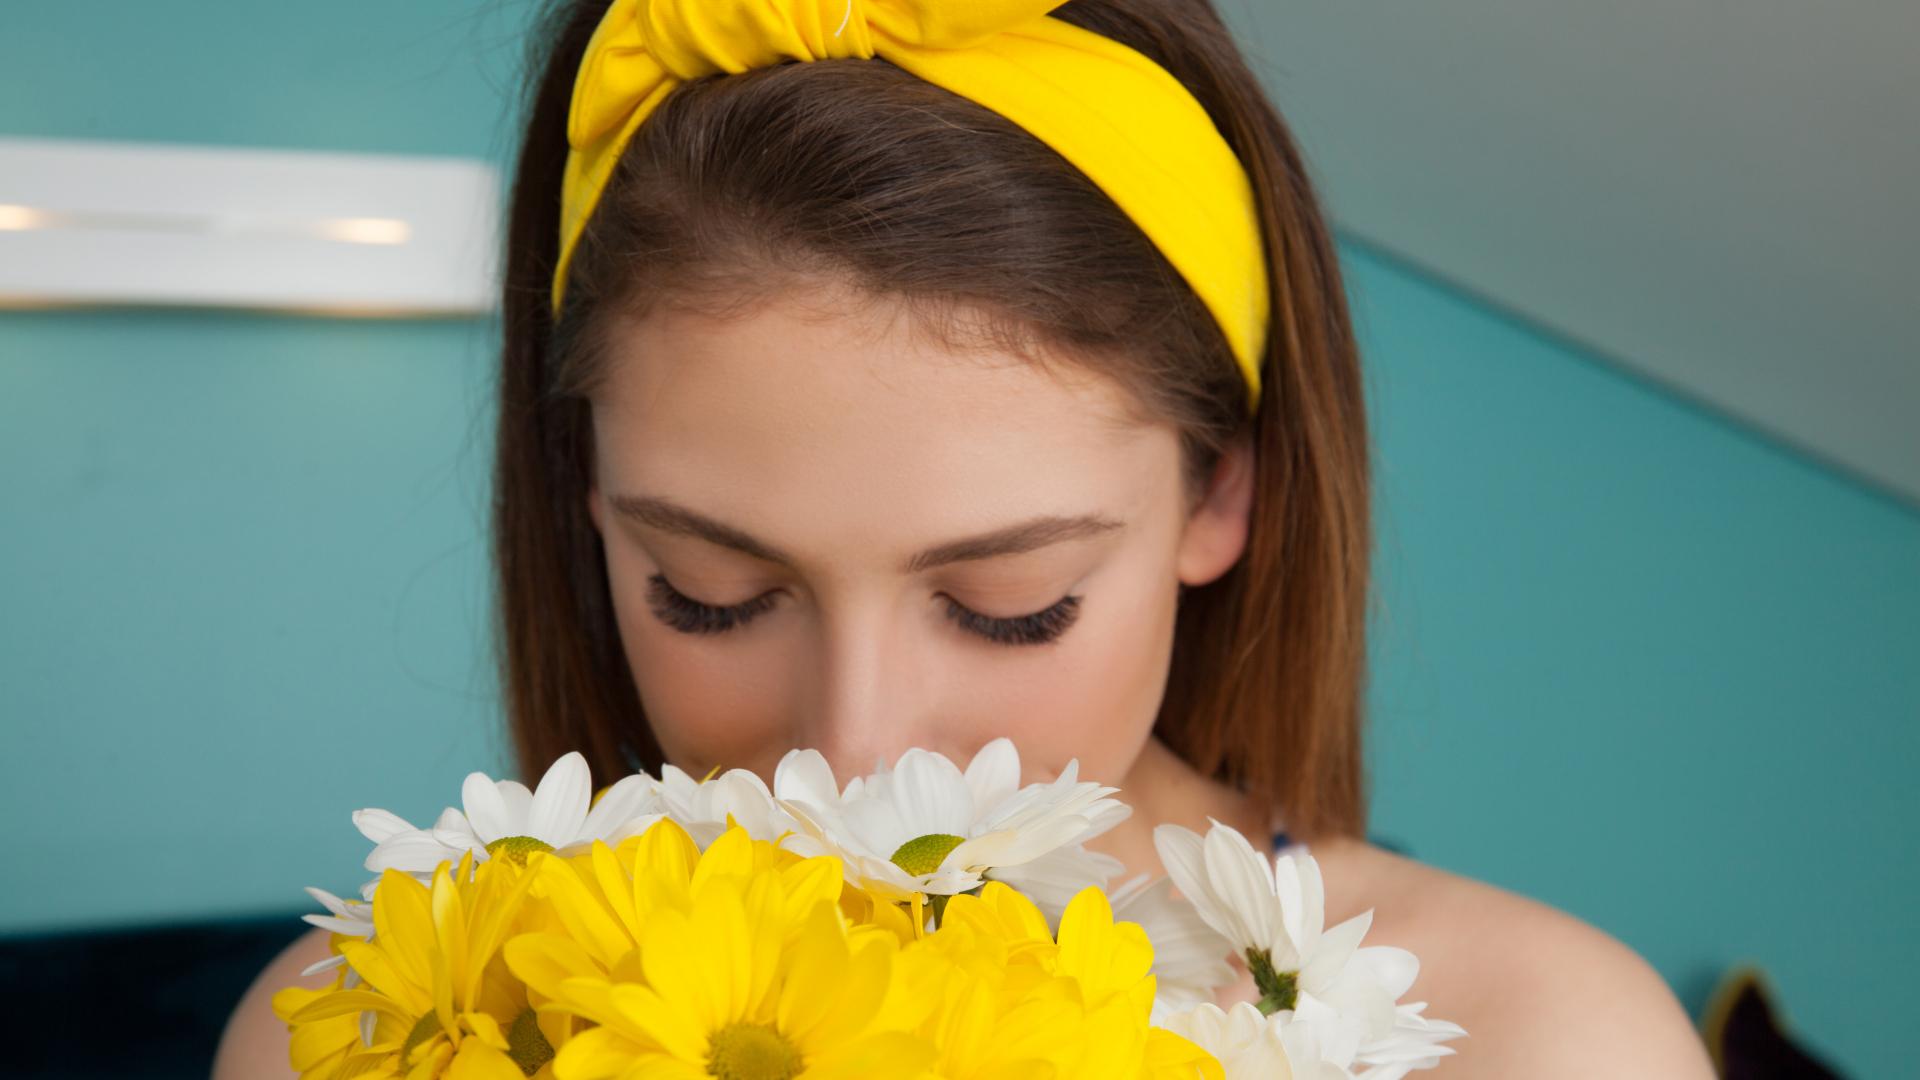 Картинки на рабочий стол для девочек 14 лет, пожеланием отличного настроения